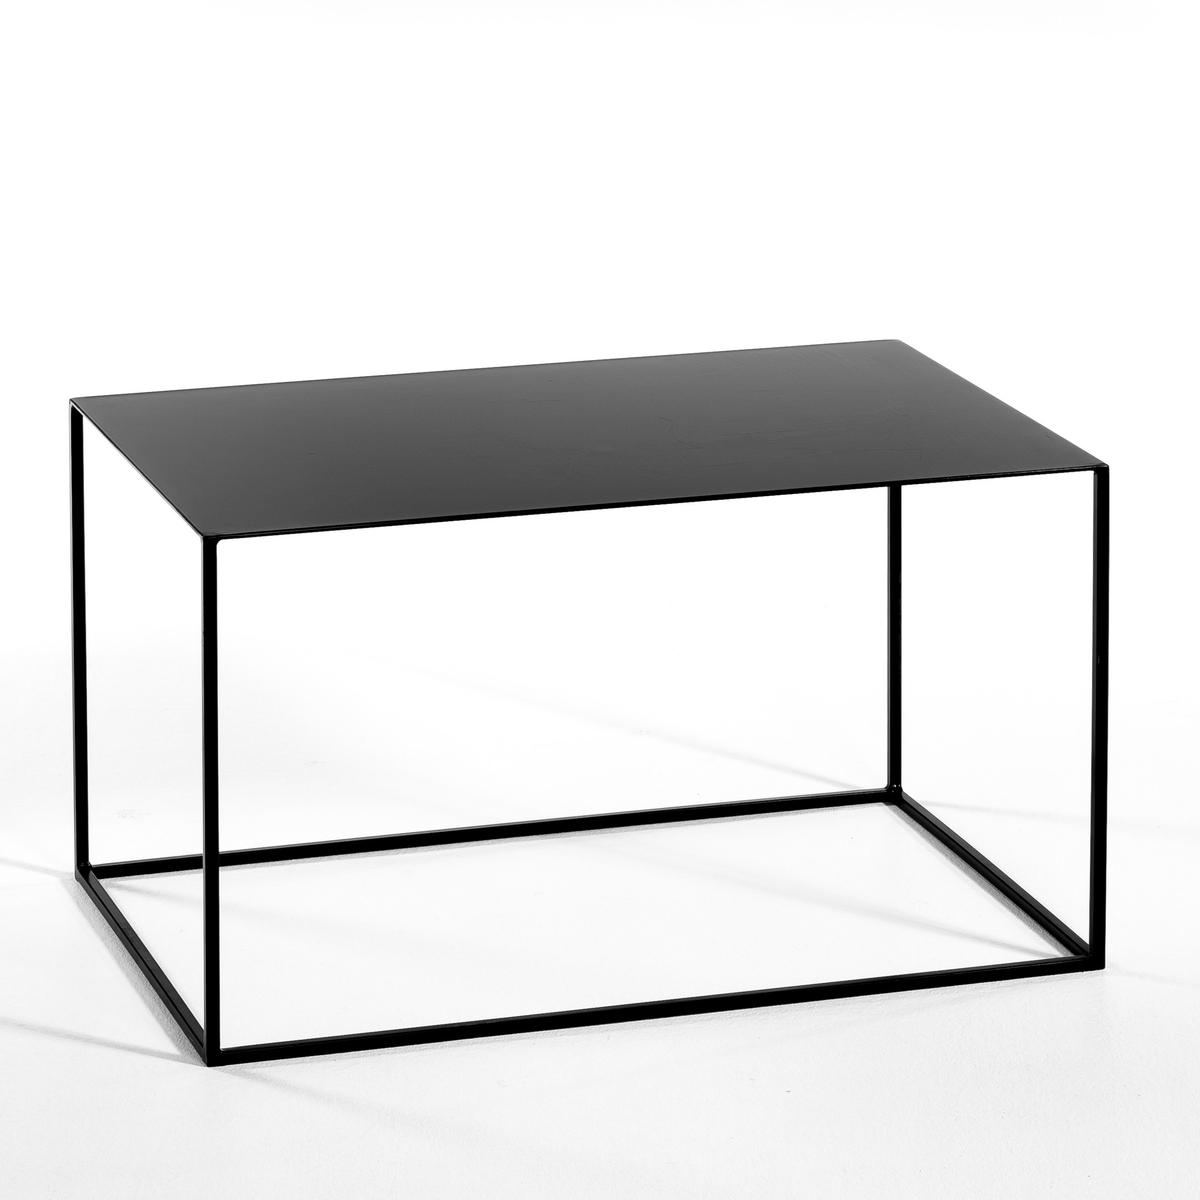 Столик La Redoute Прямоугольный Romy единый размер черный туалетный la redoute столик clairoy единый размер каштановый